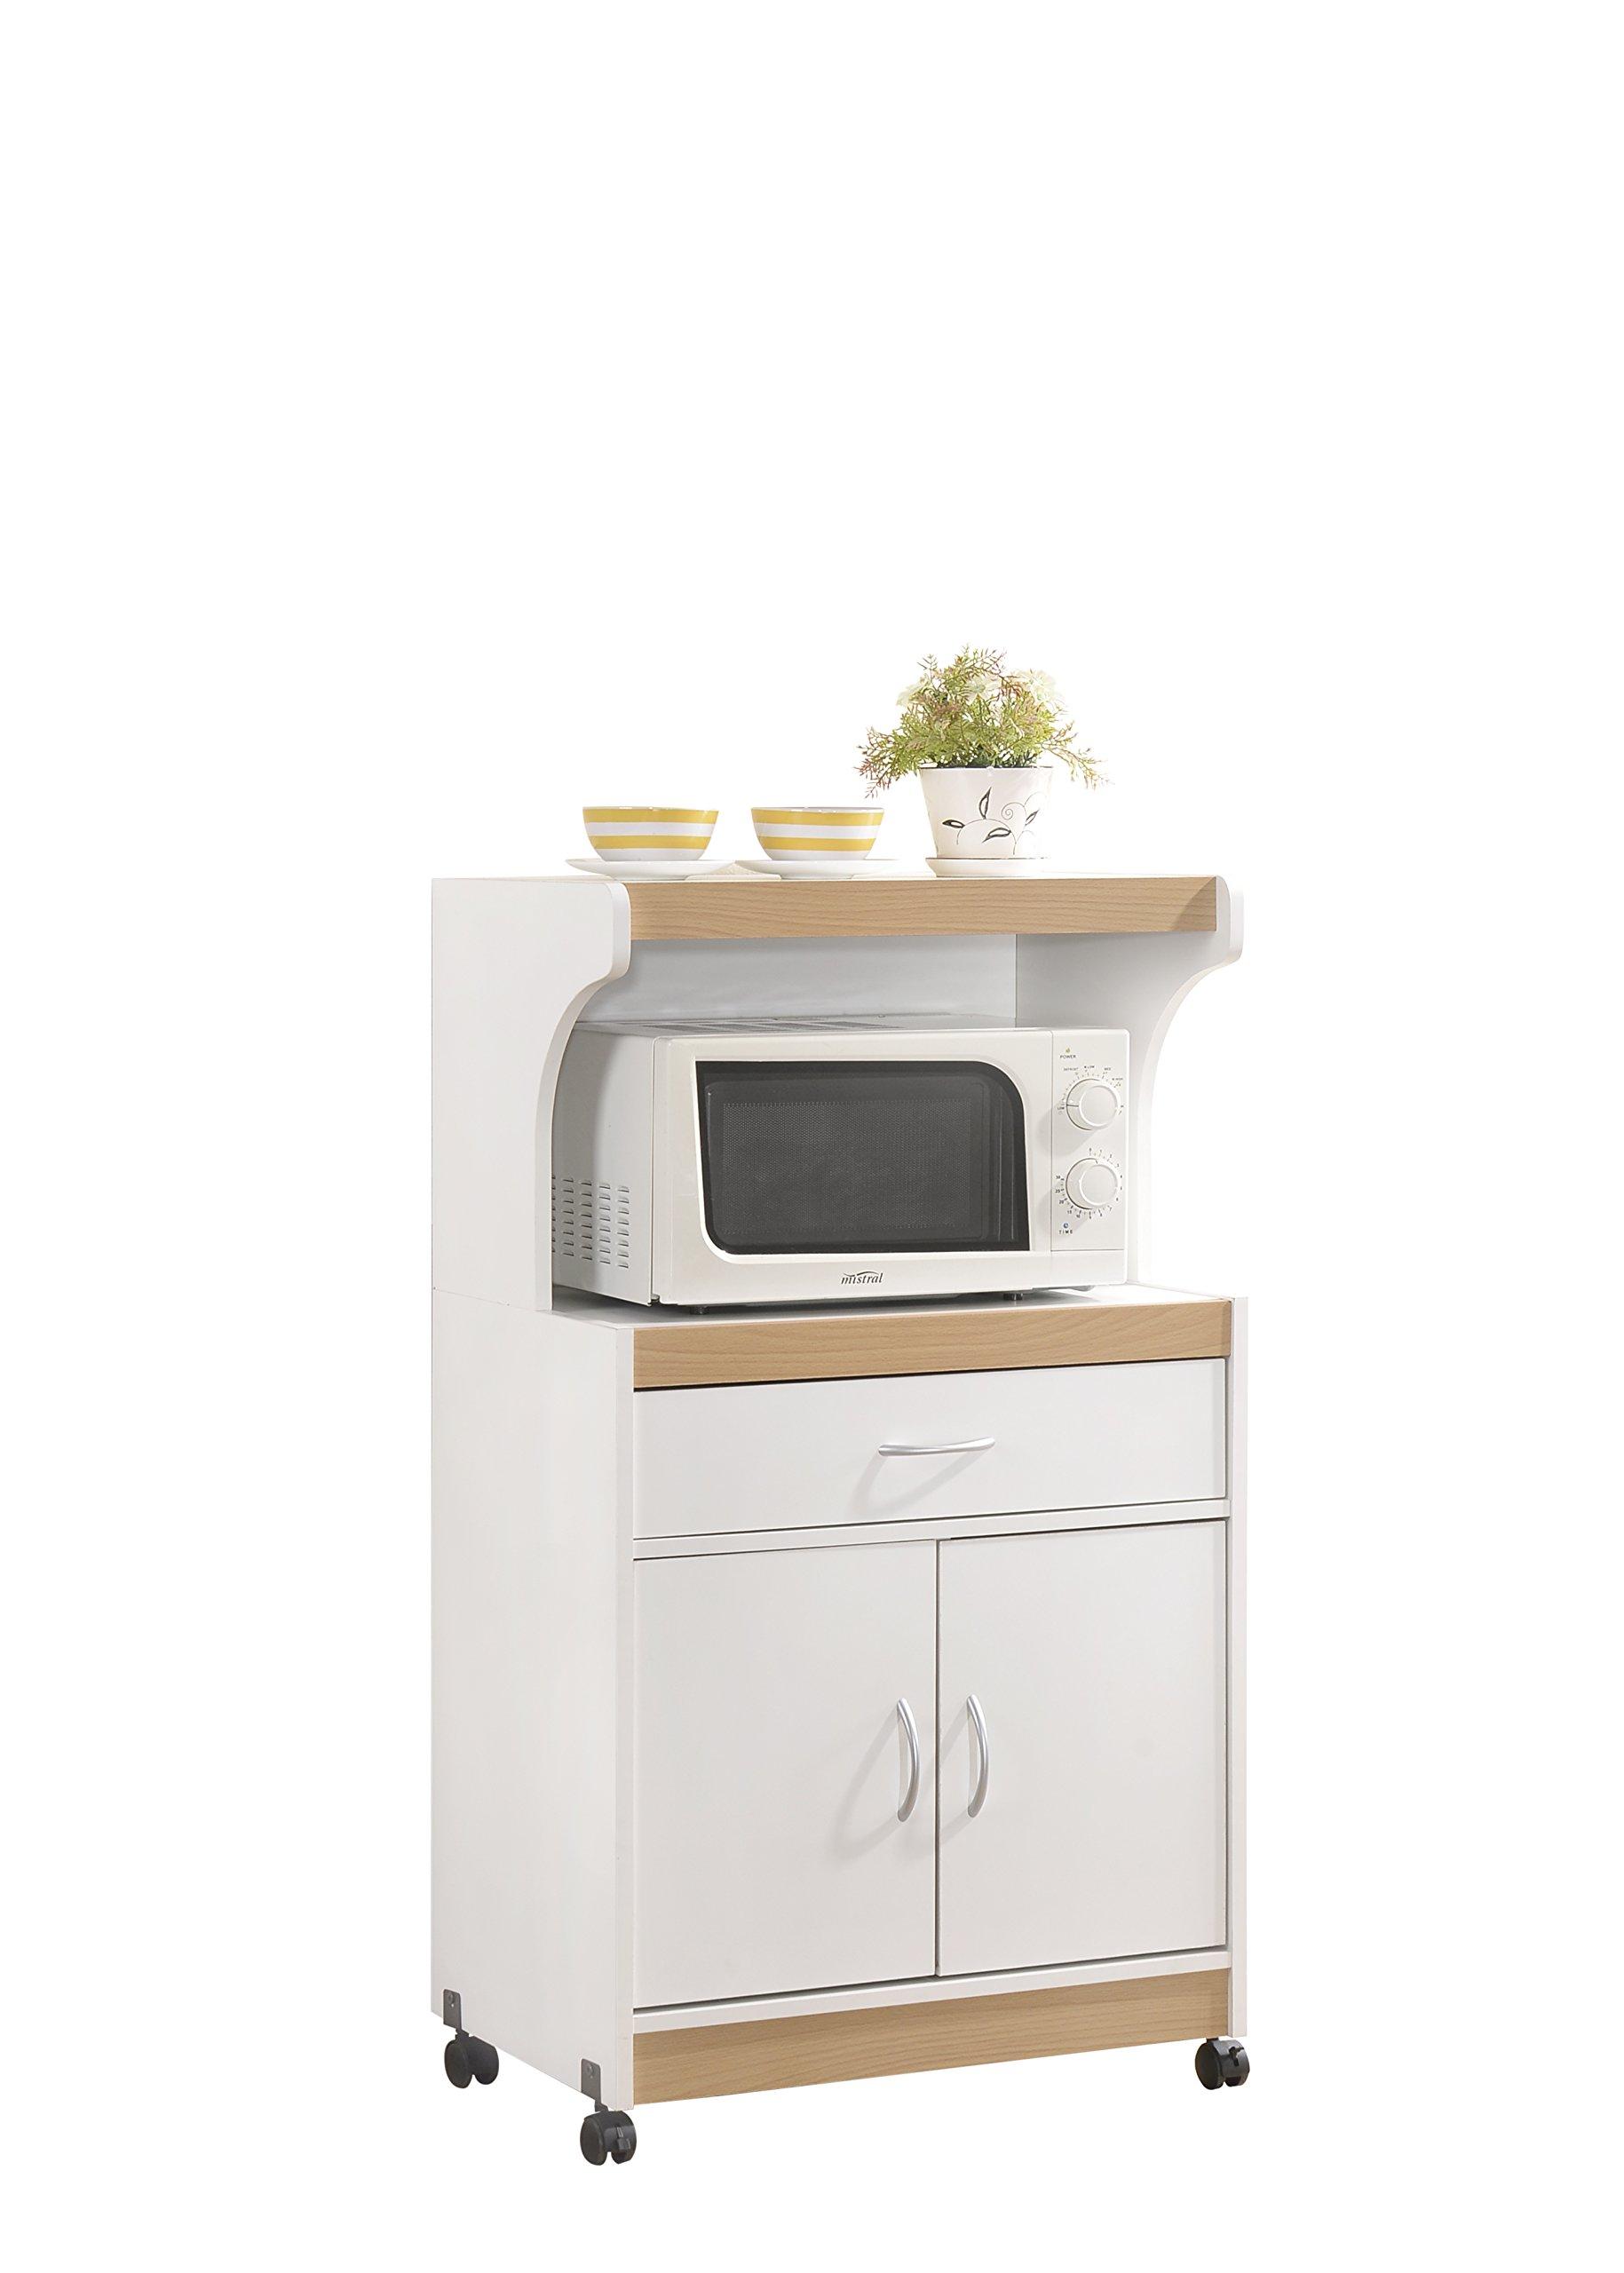 Hodedah Microwave Kitchen Cart, White by HODEDAH IMPORT